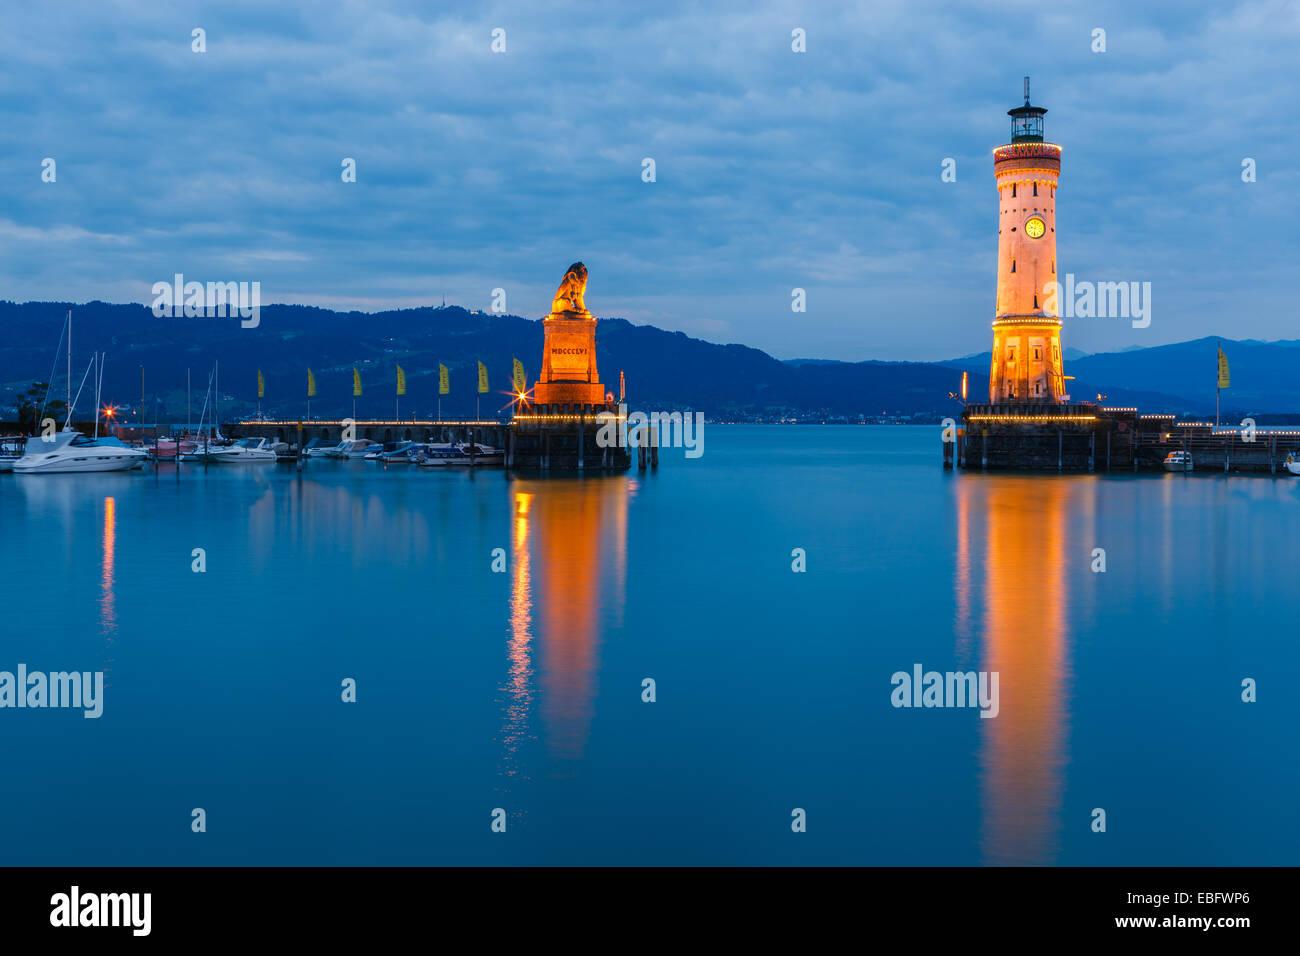 Blick auf die Hafeneinfahrt und Leuchtturm in der Nacht in Lindau am See Constance, Bayern, Deutschland Stockbild